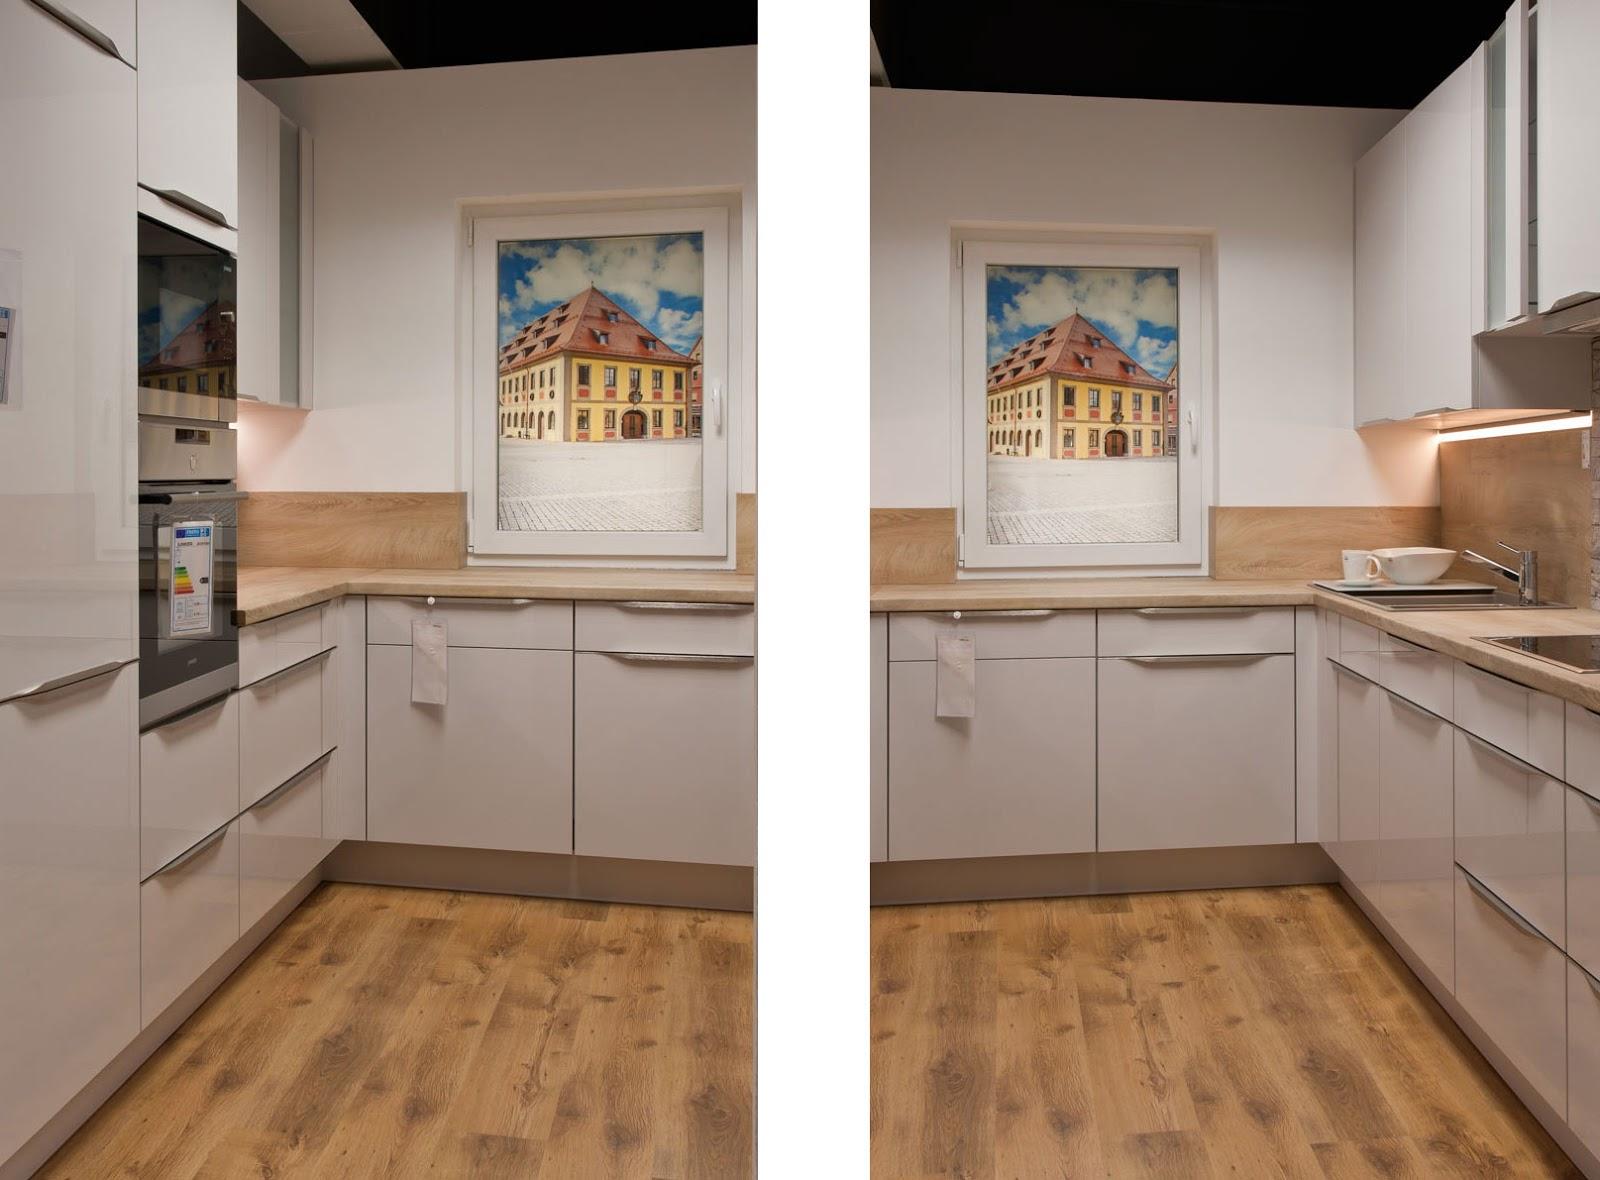 Full Size of Wohnmobil Küche Einrichten Küche Einrichten Stilmix Küche Einrichten Dekorieren Dachgeschosswohnung Küche Einrichten Küche Küche Einrichten